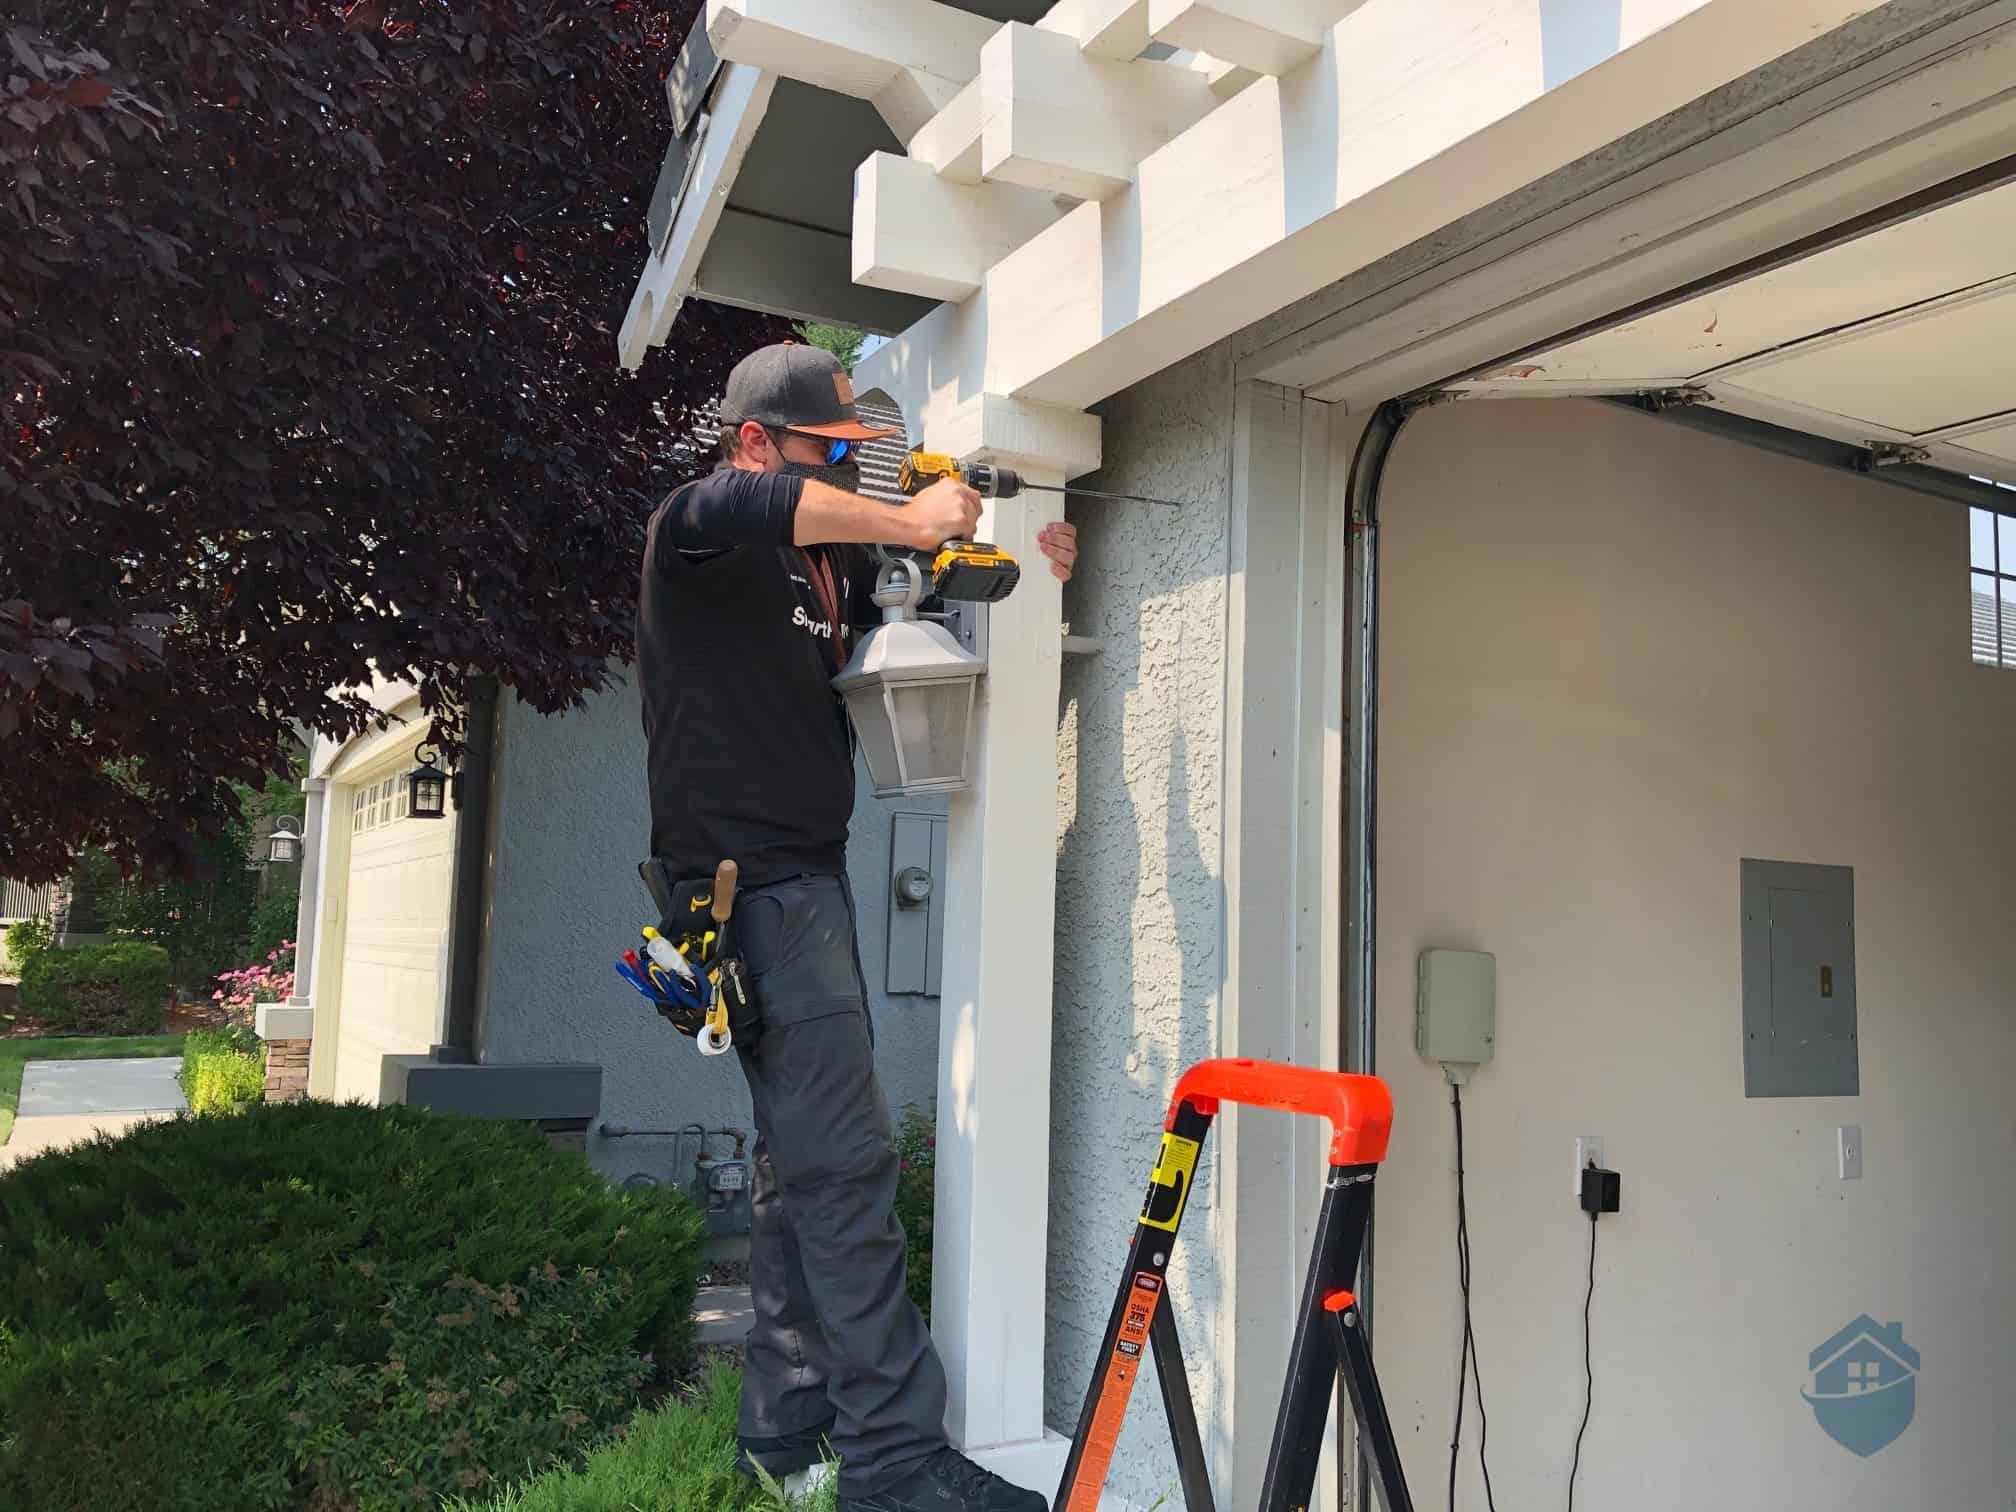 Installing Vivint Outdoor Camera Pro